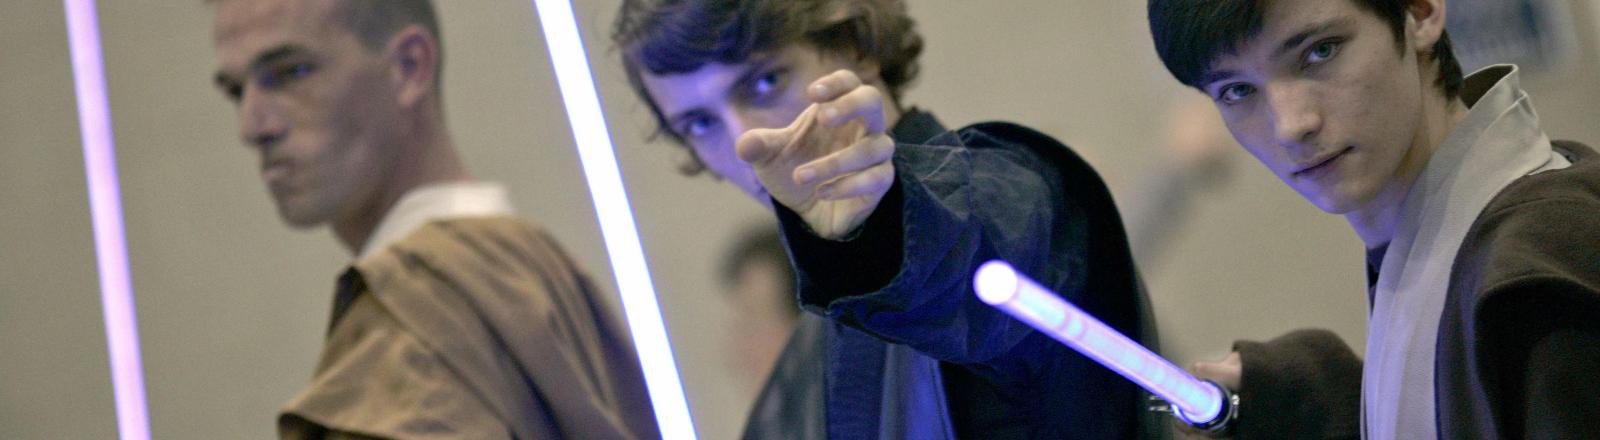 Drei Jedis posieren für die Kamera mit ihren Lichtschwertern.